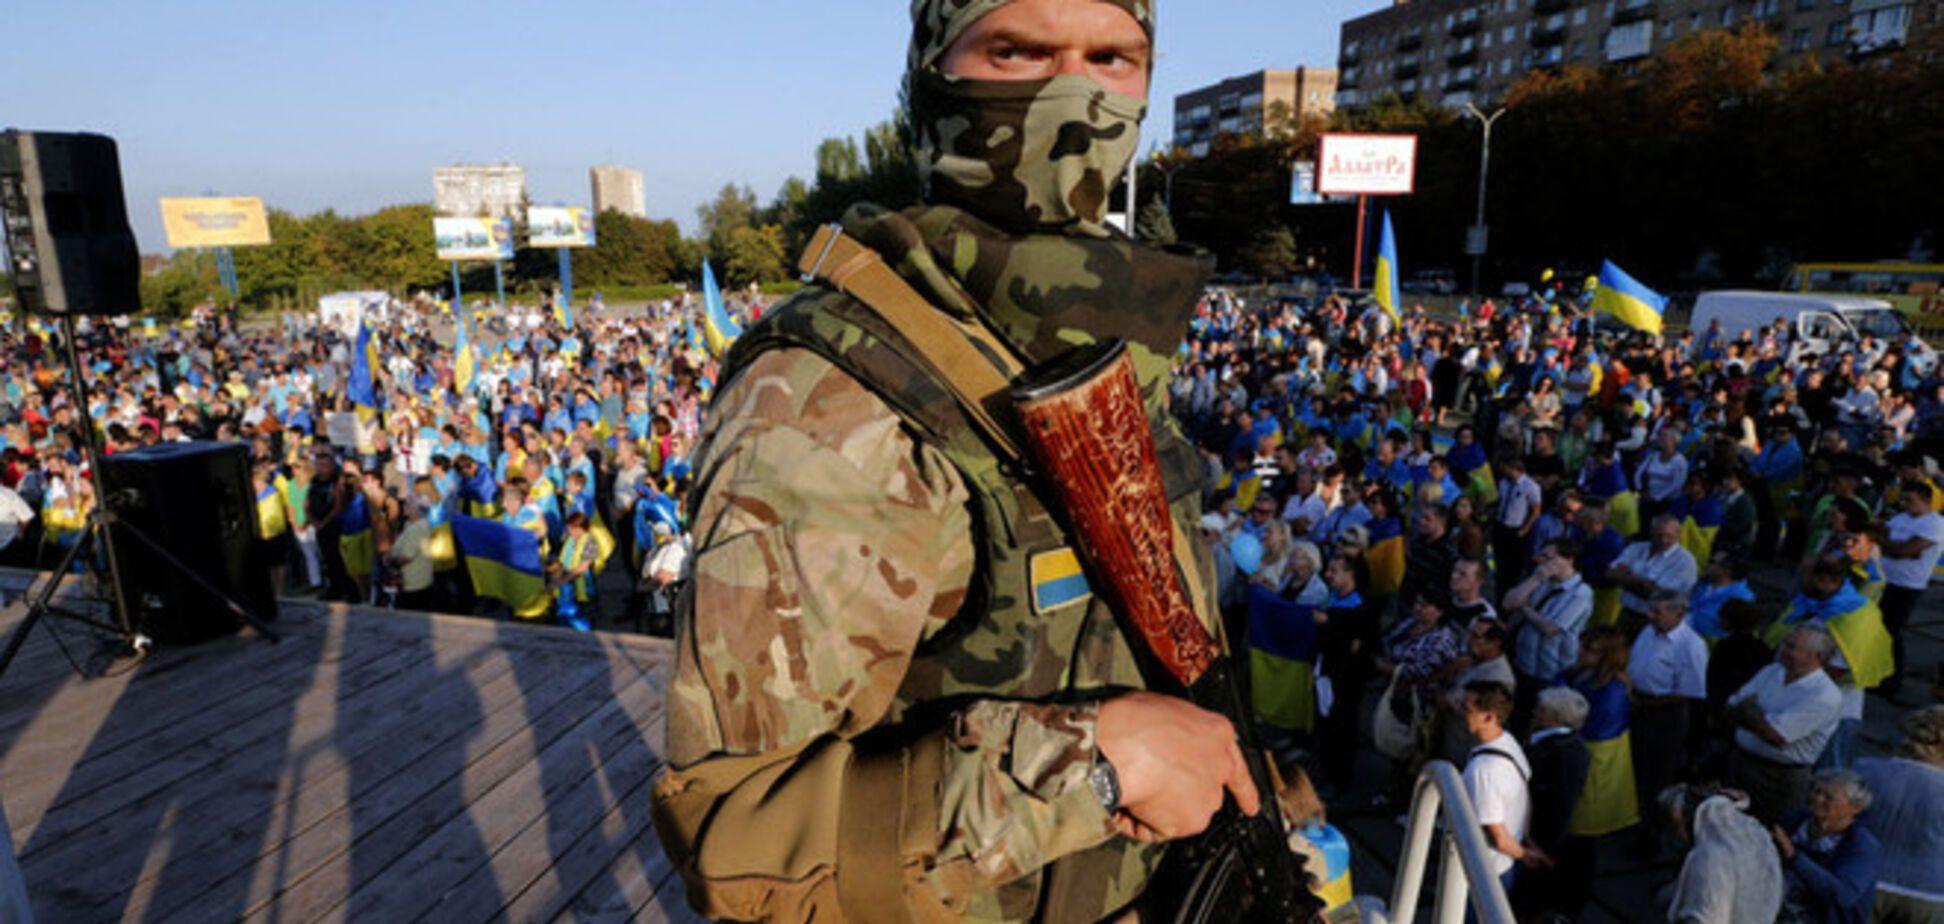 Террористы под видом бойцов 'Айдара' и 'Азова' готовят вооруженные провокации в день выборов - МВД